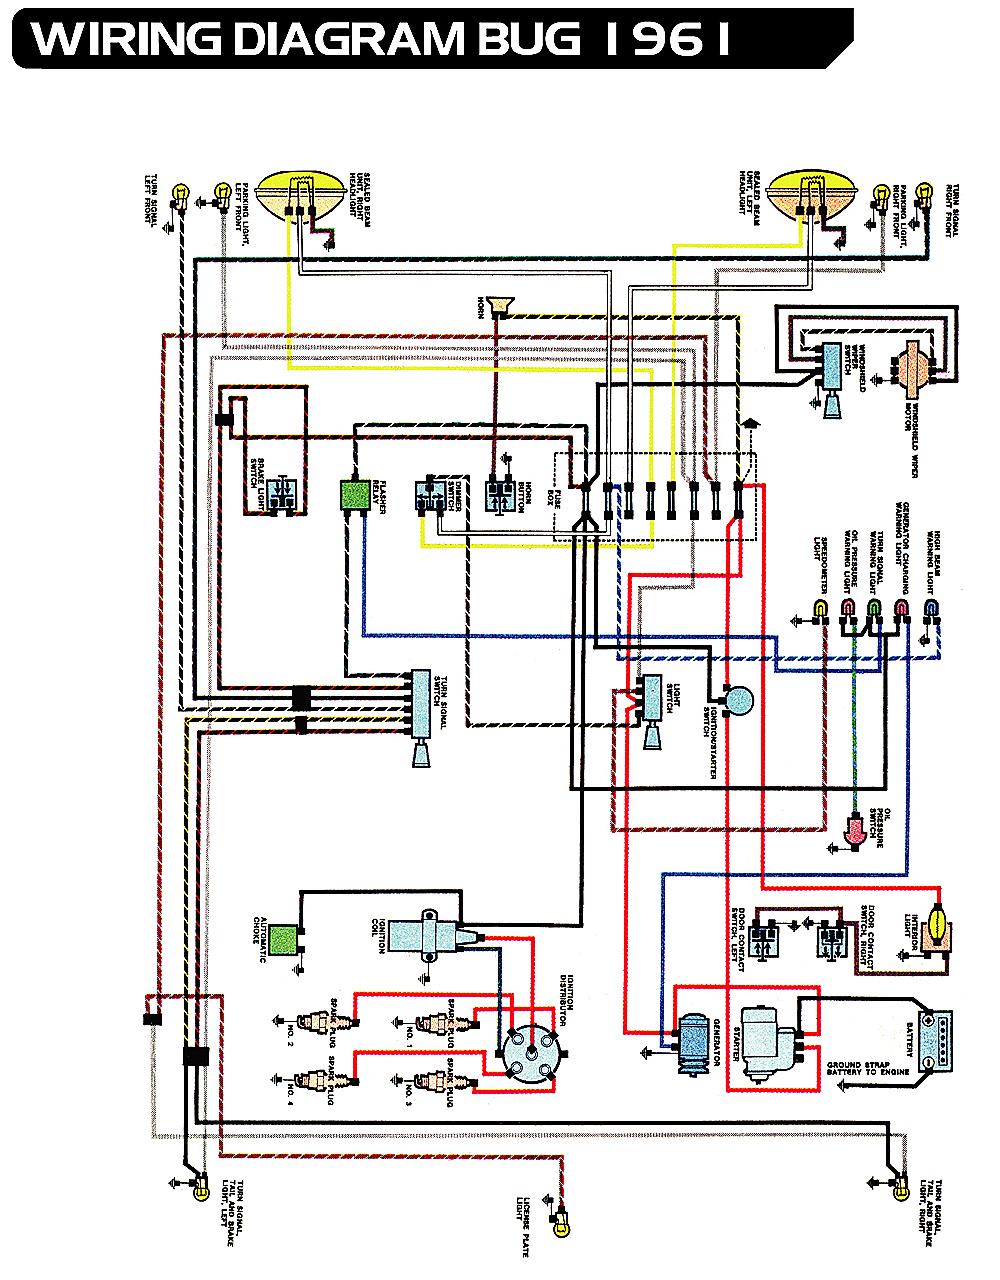 1974 vw generator wiring dk 4688  vw 181 thing wiring diagram type 181 wiring diagram hecho  vw 181 thing wiring diagram type 181